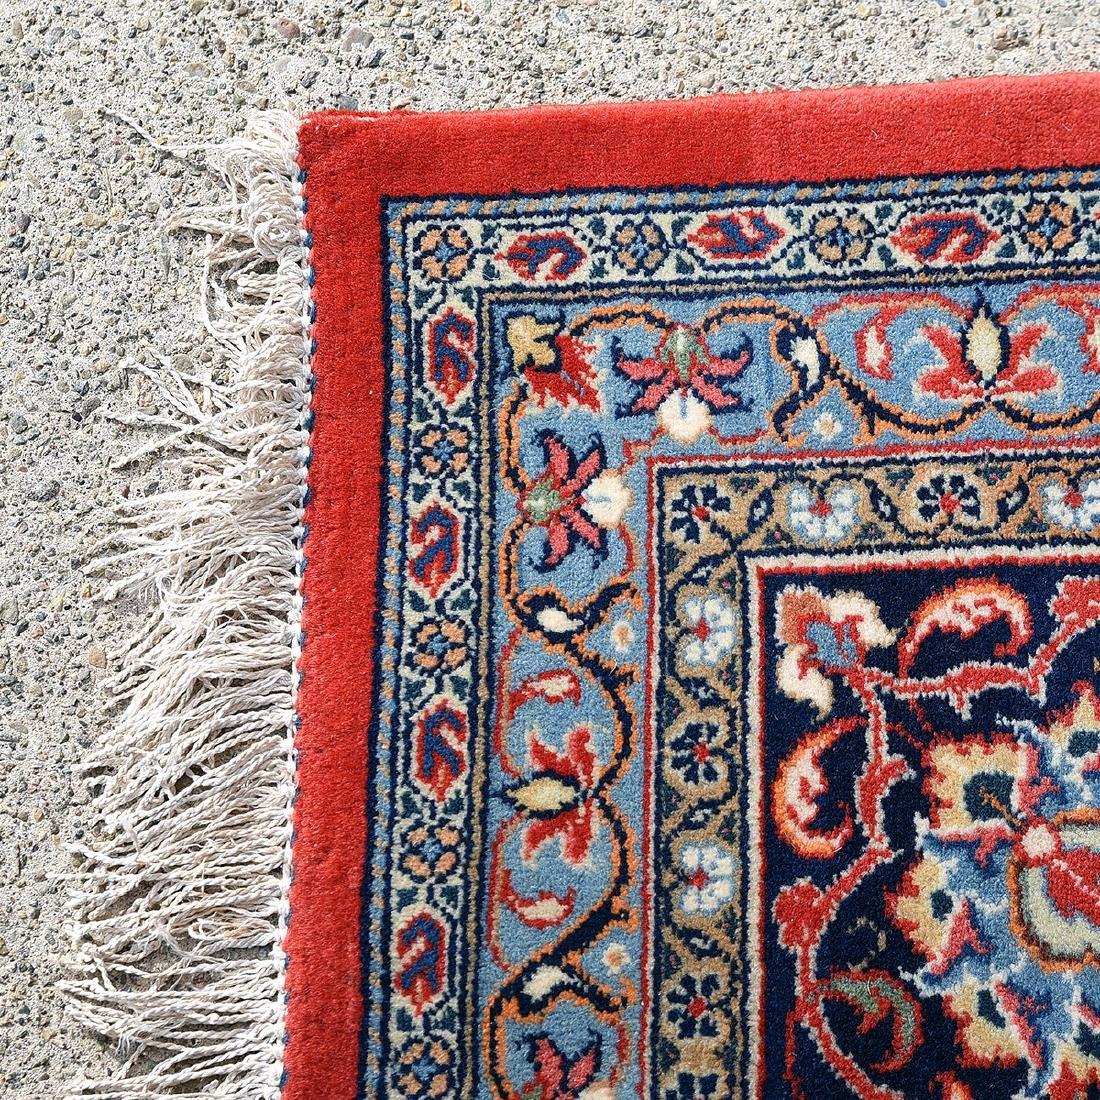 Indo-Kashan Scarlet and Blue Ground Carpet - 2